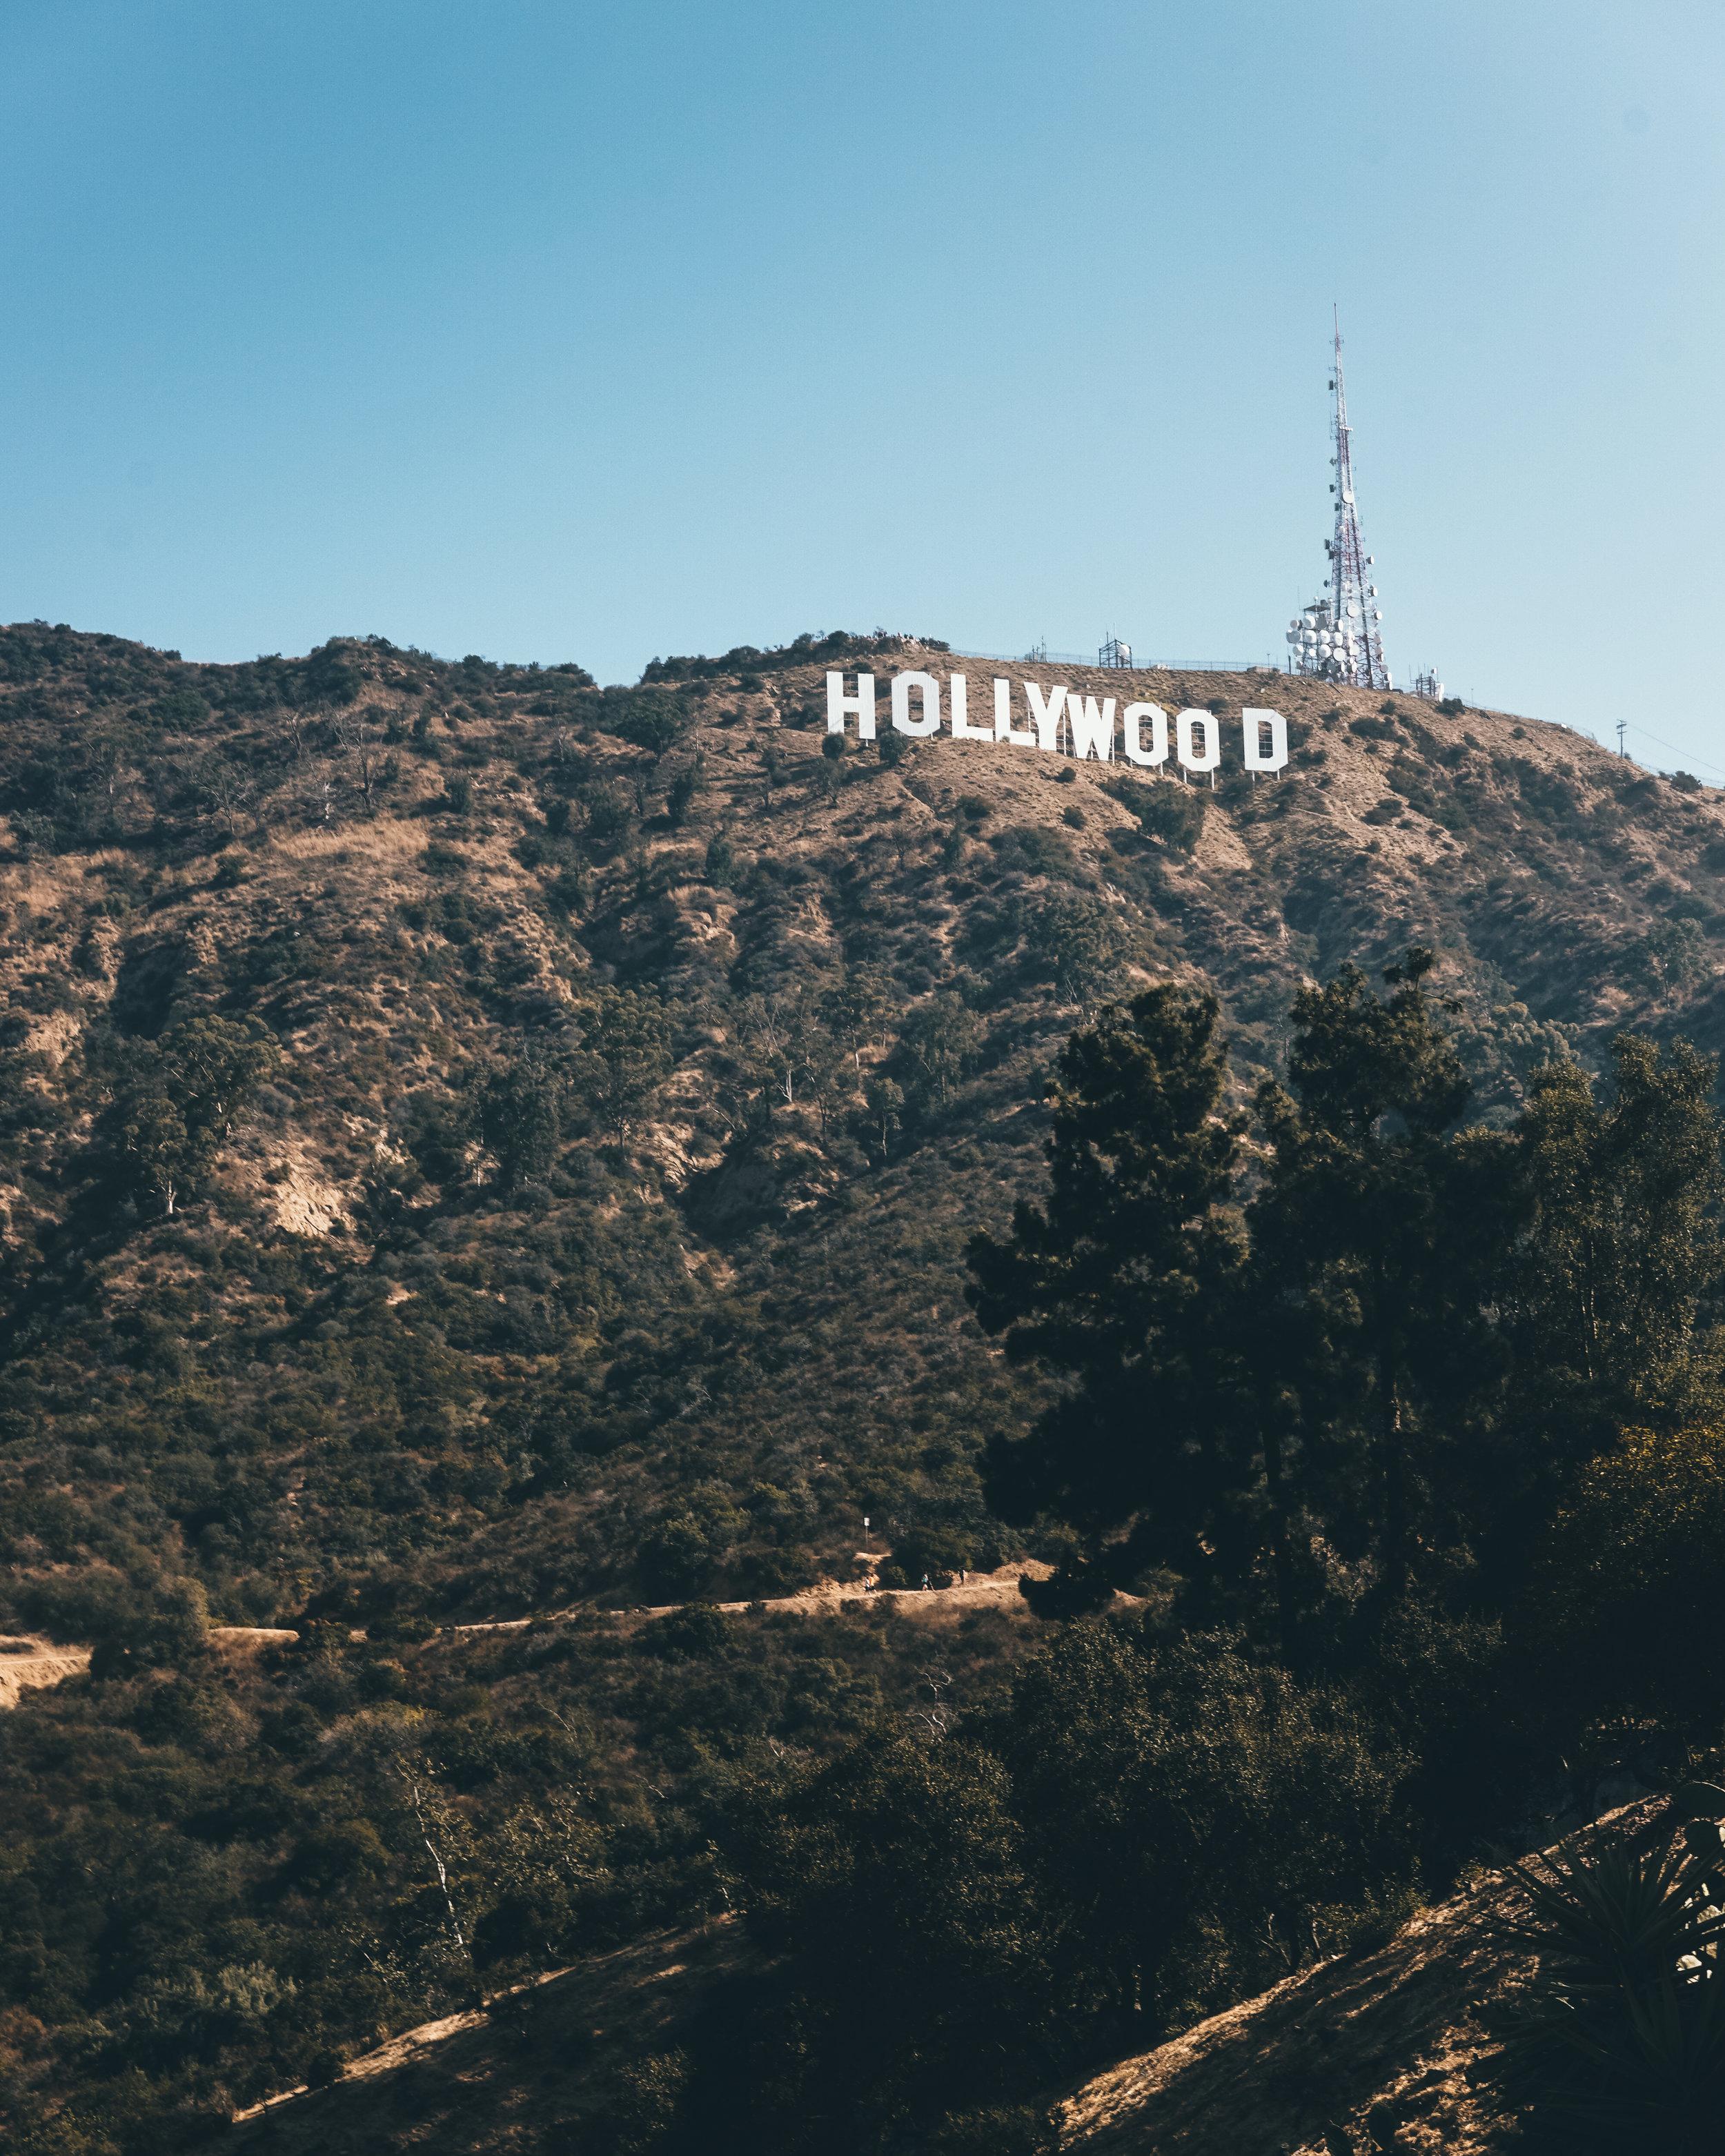 day 9:Santa barbara & hollywood - Southern California Route